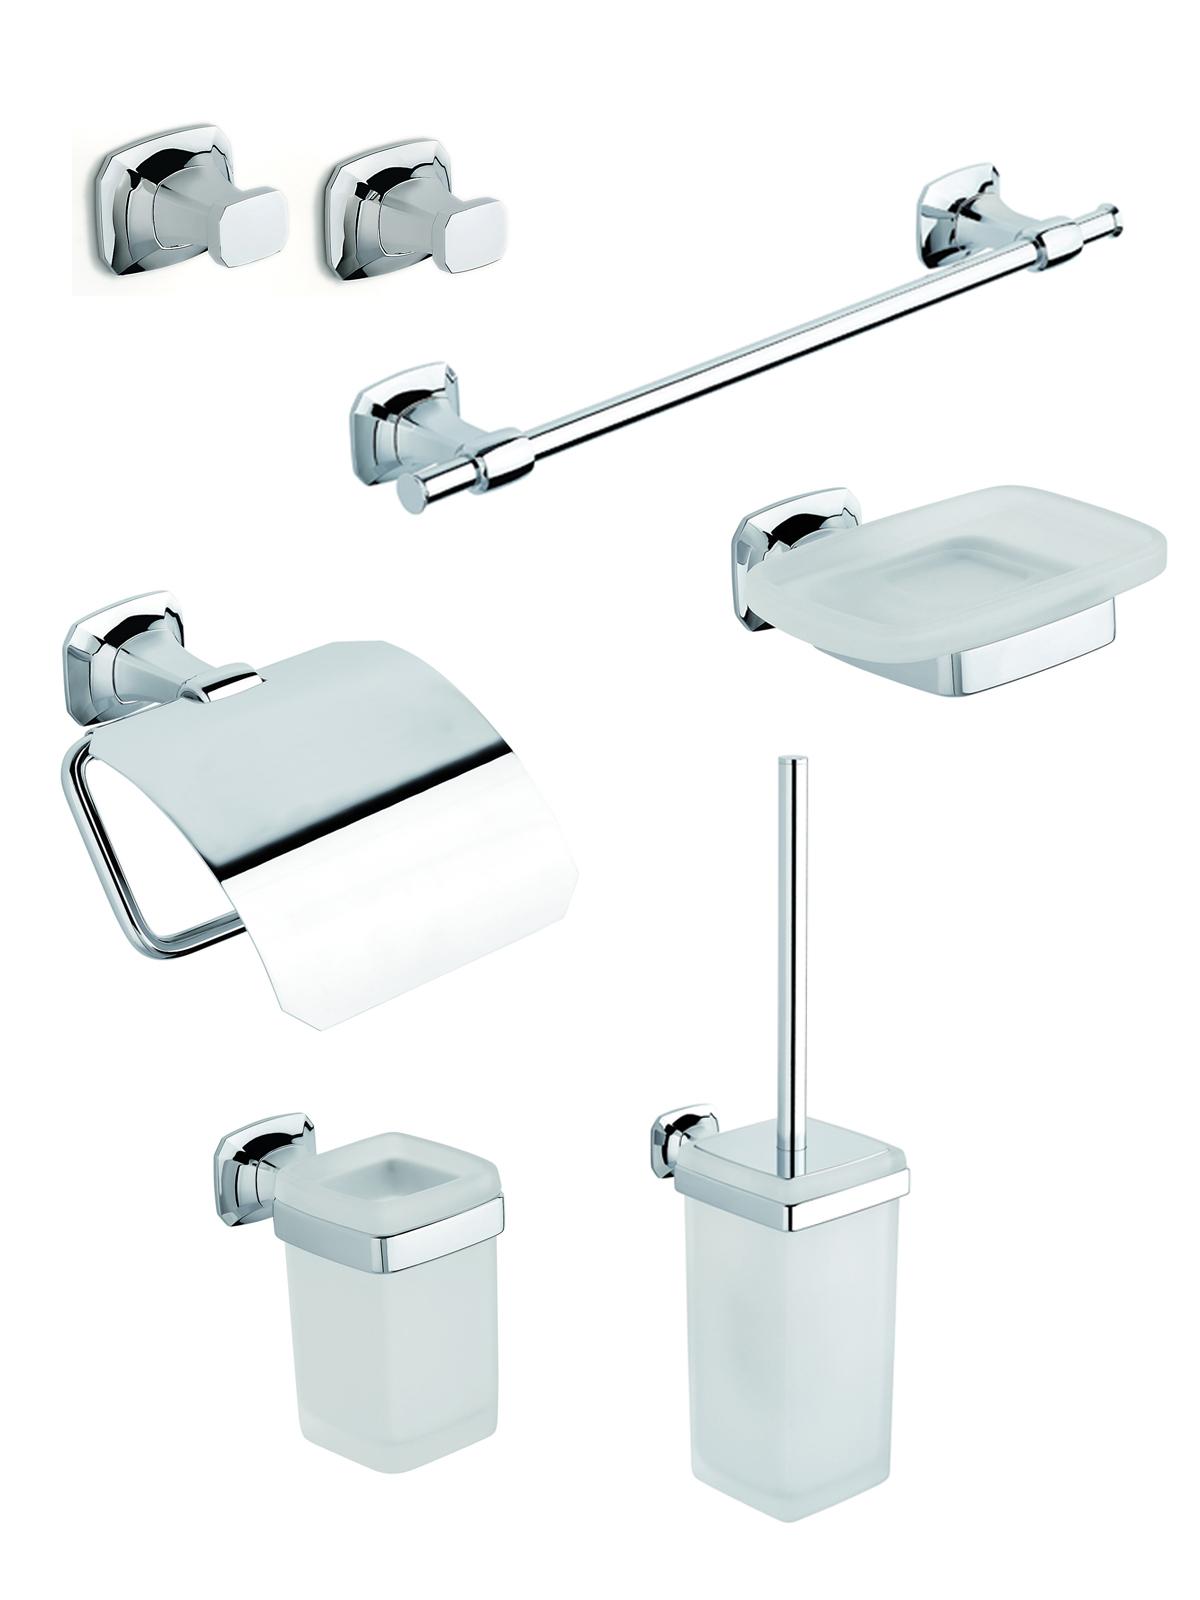 Accessori Bagno Porta Sapone.Su Accessori Porta Sapone Rotolo Dettagli Set Bagno